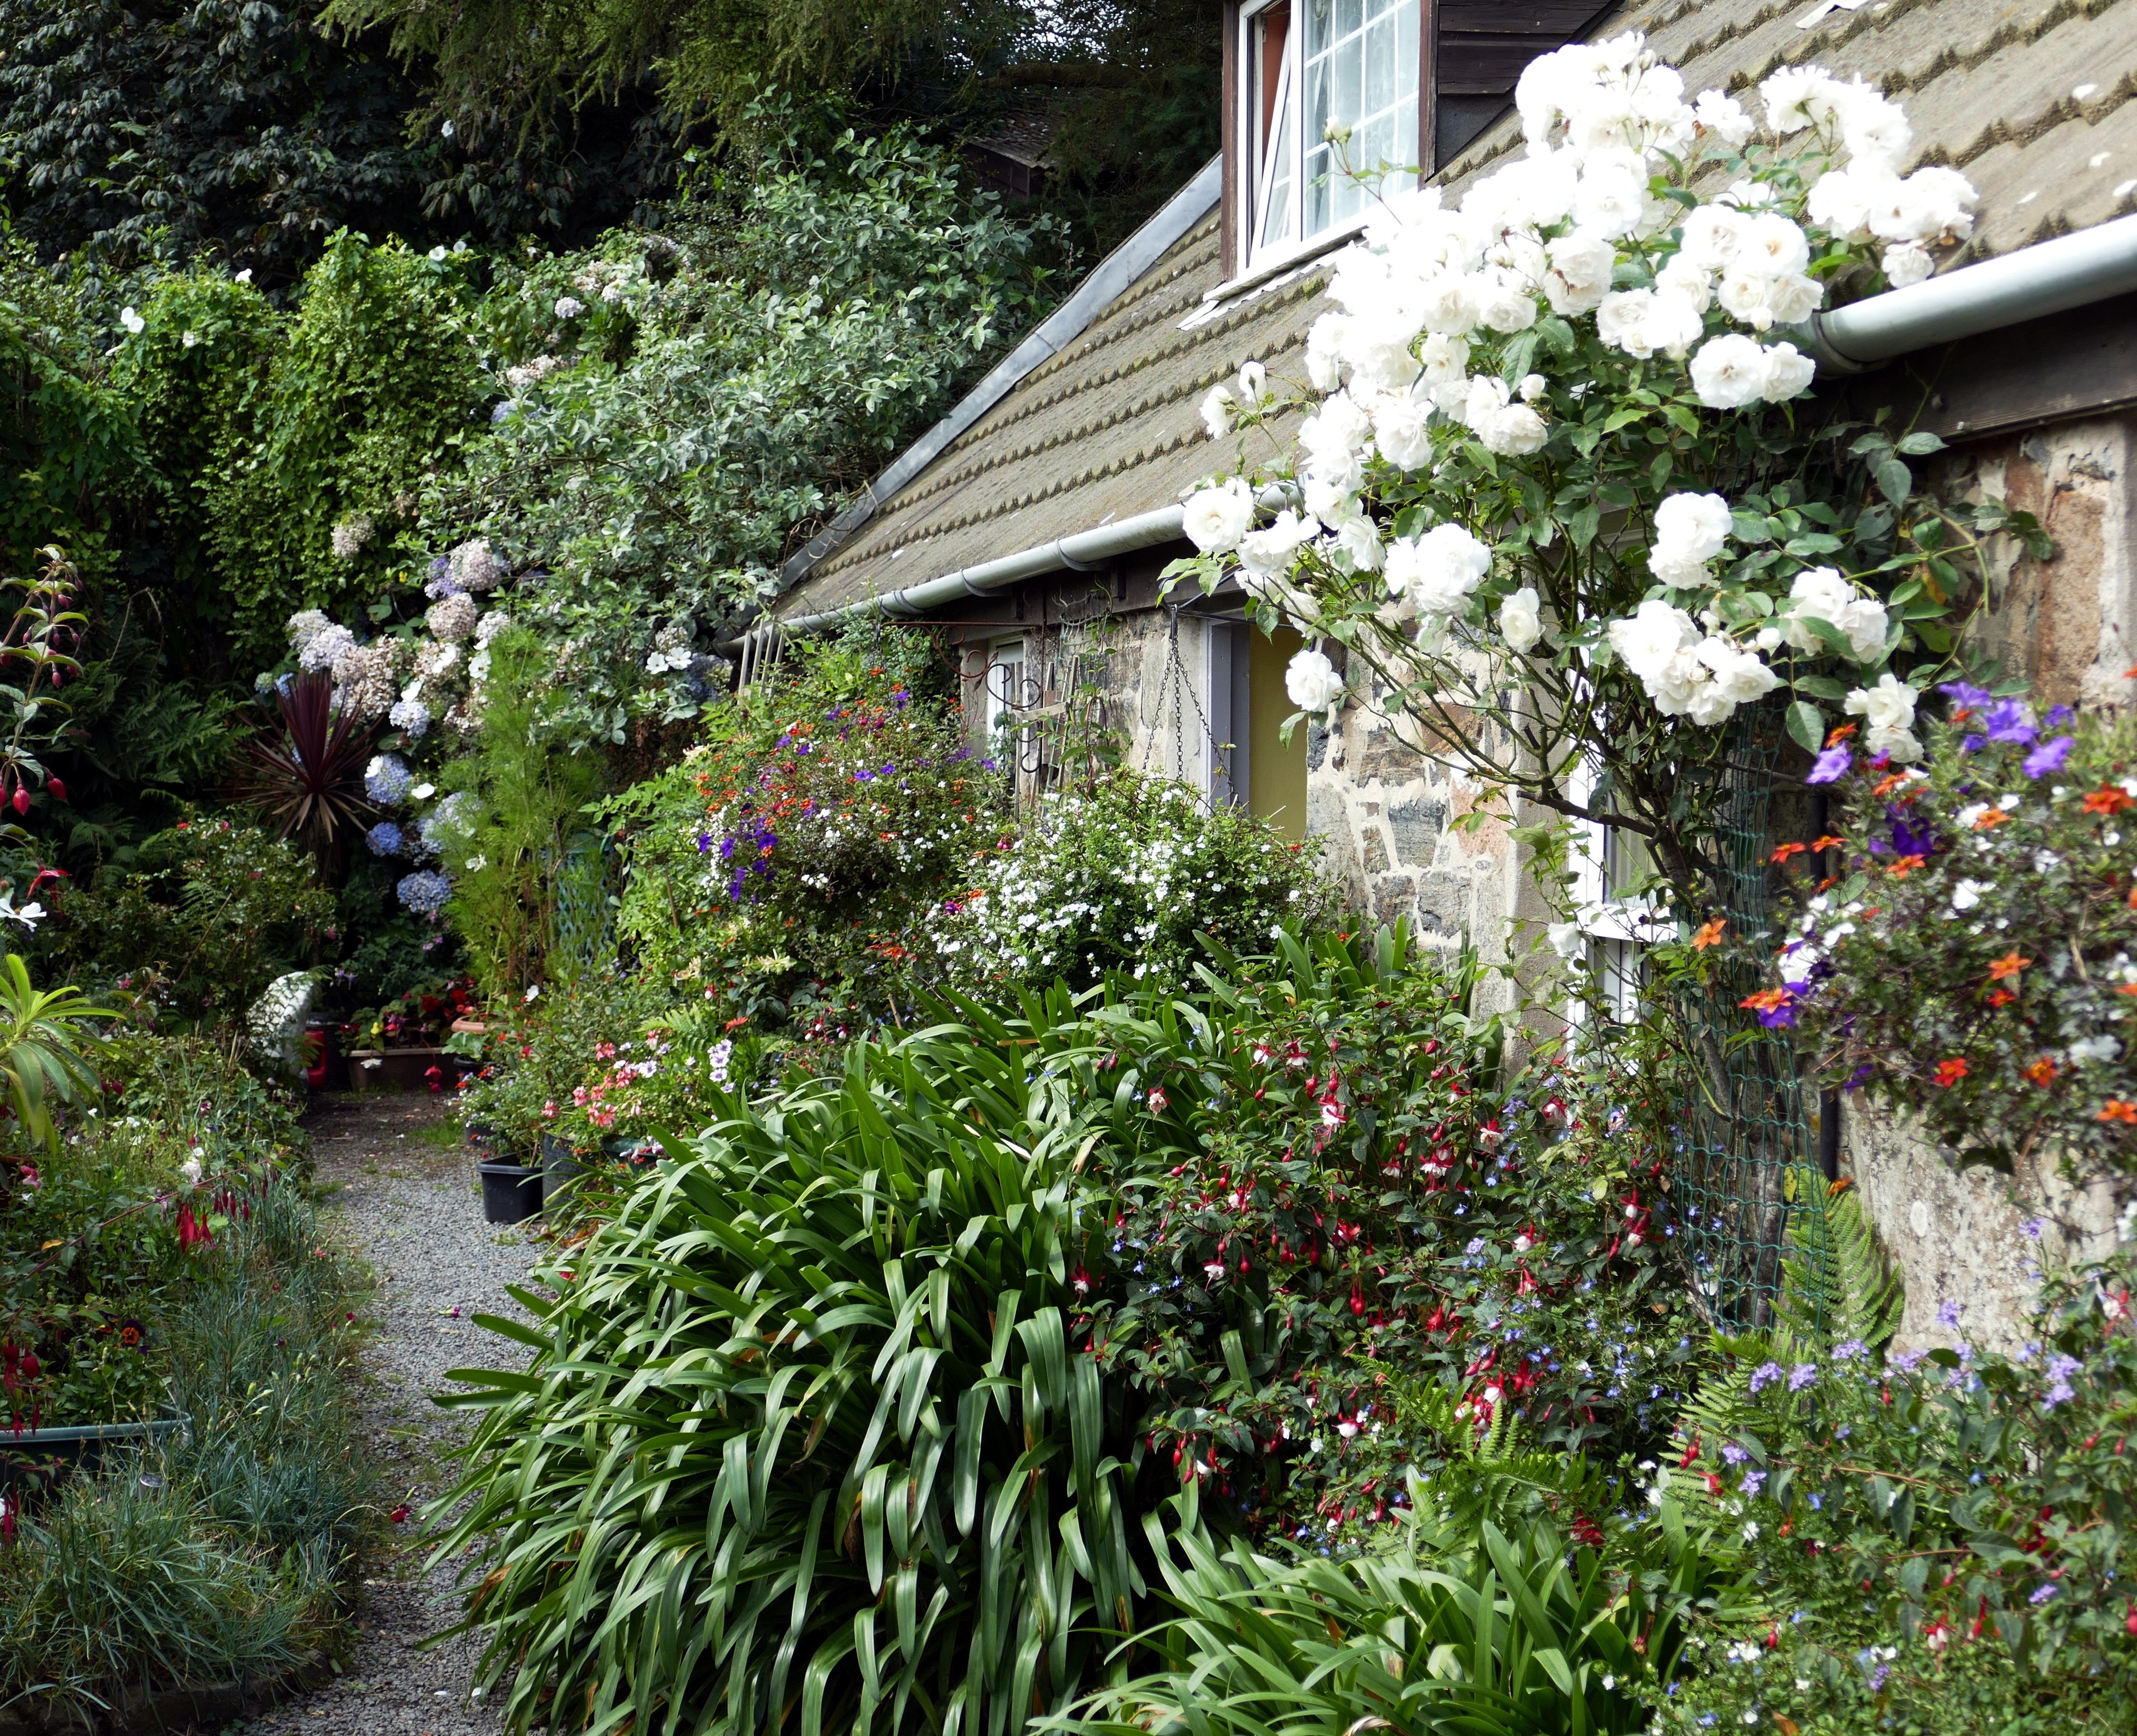 Gratis billeder plante gr spl ne blomst hjem for Garden design jersey channel islands